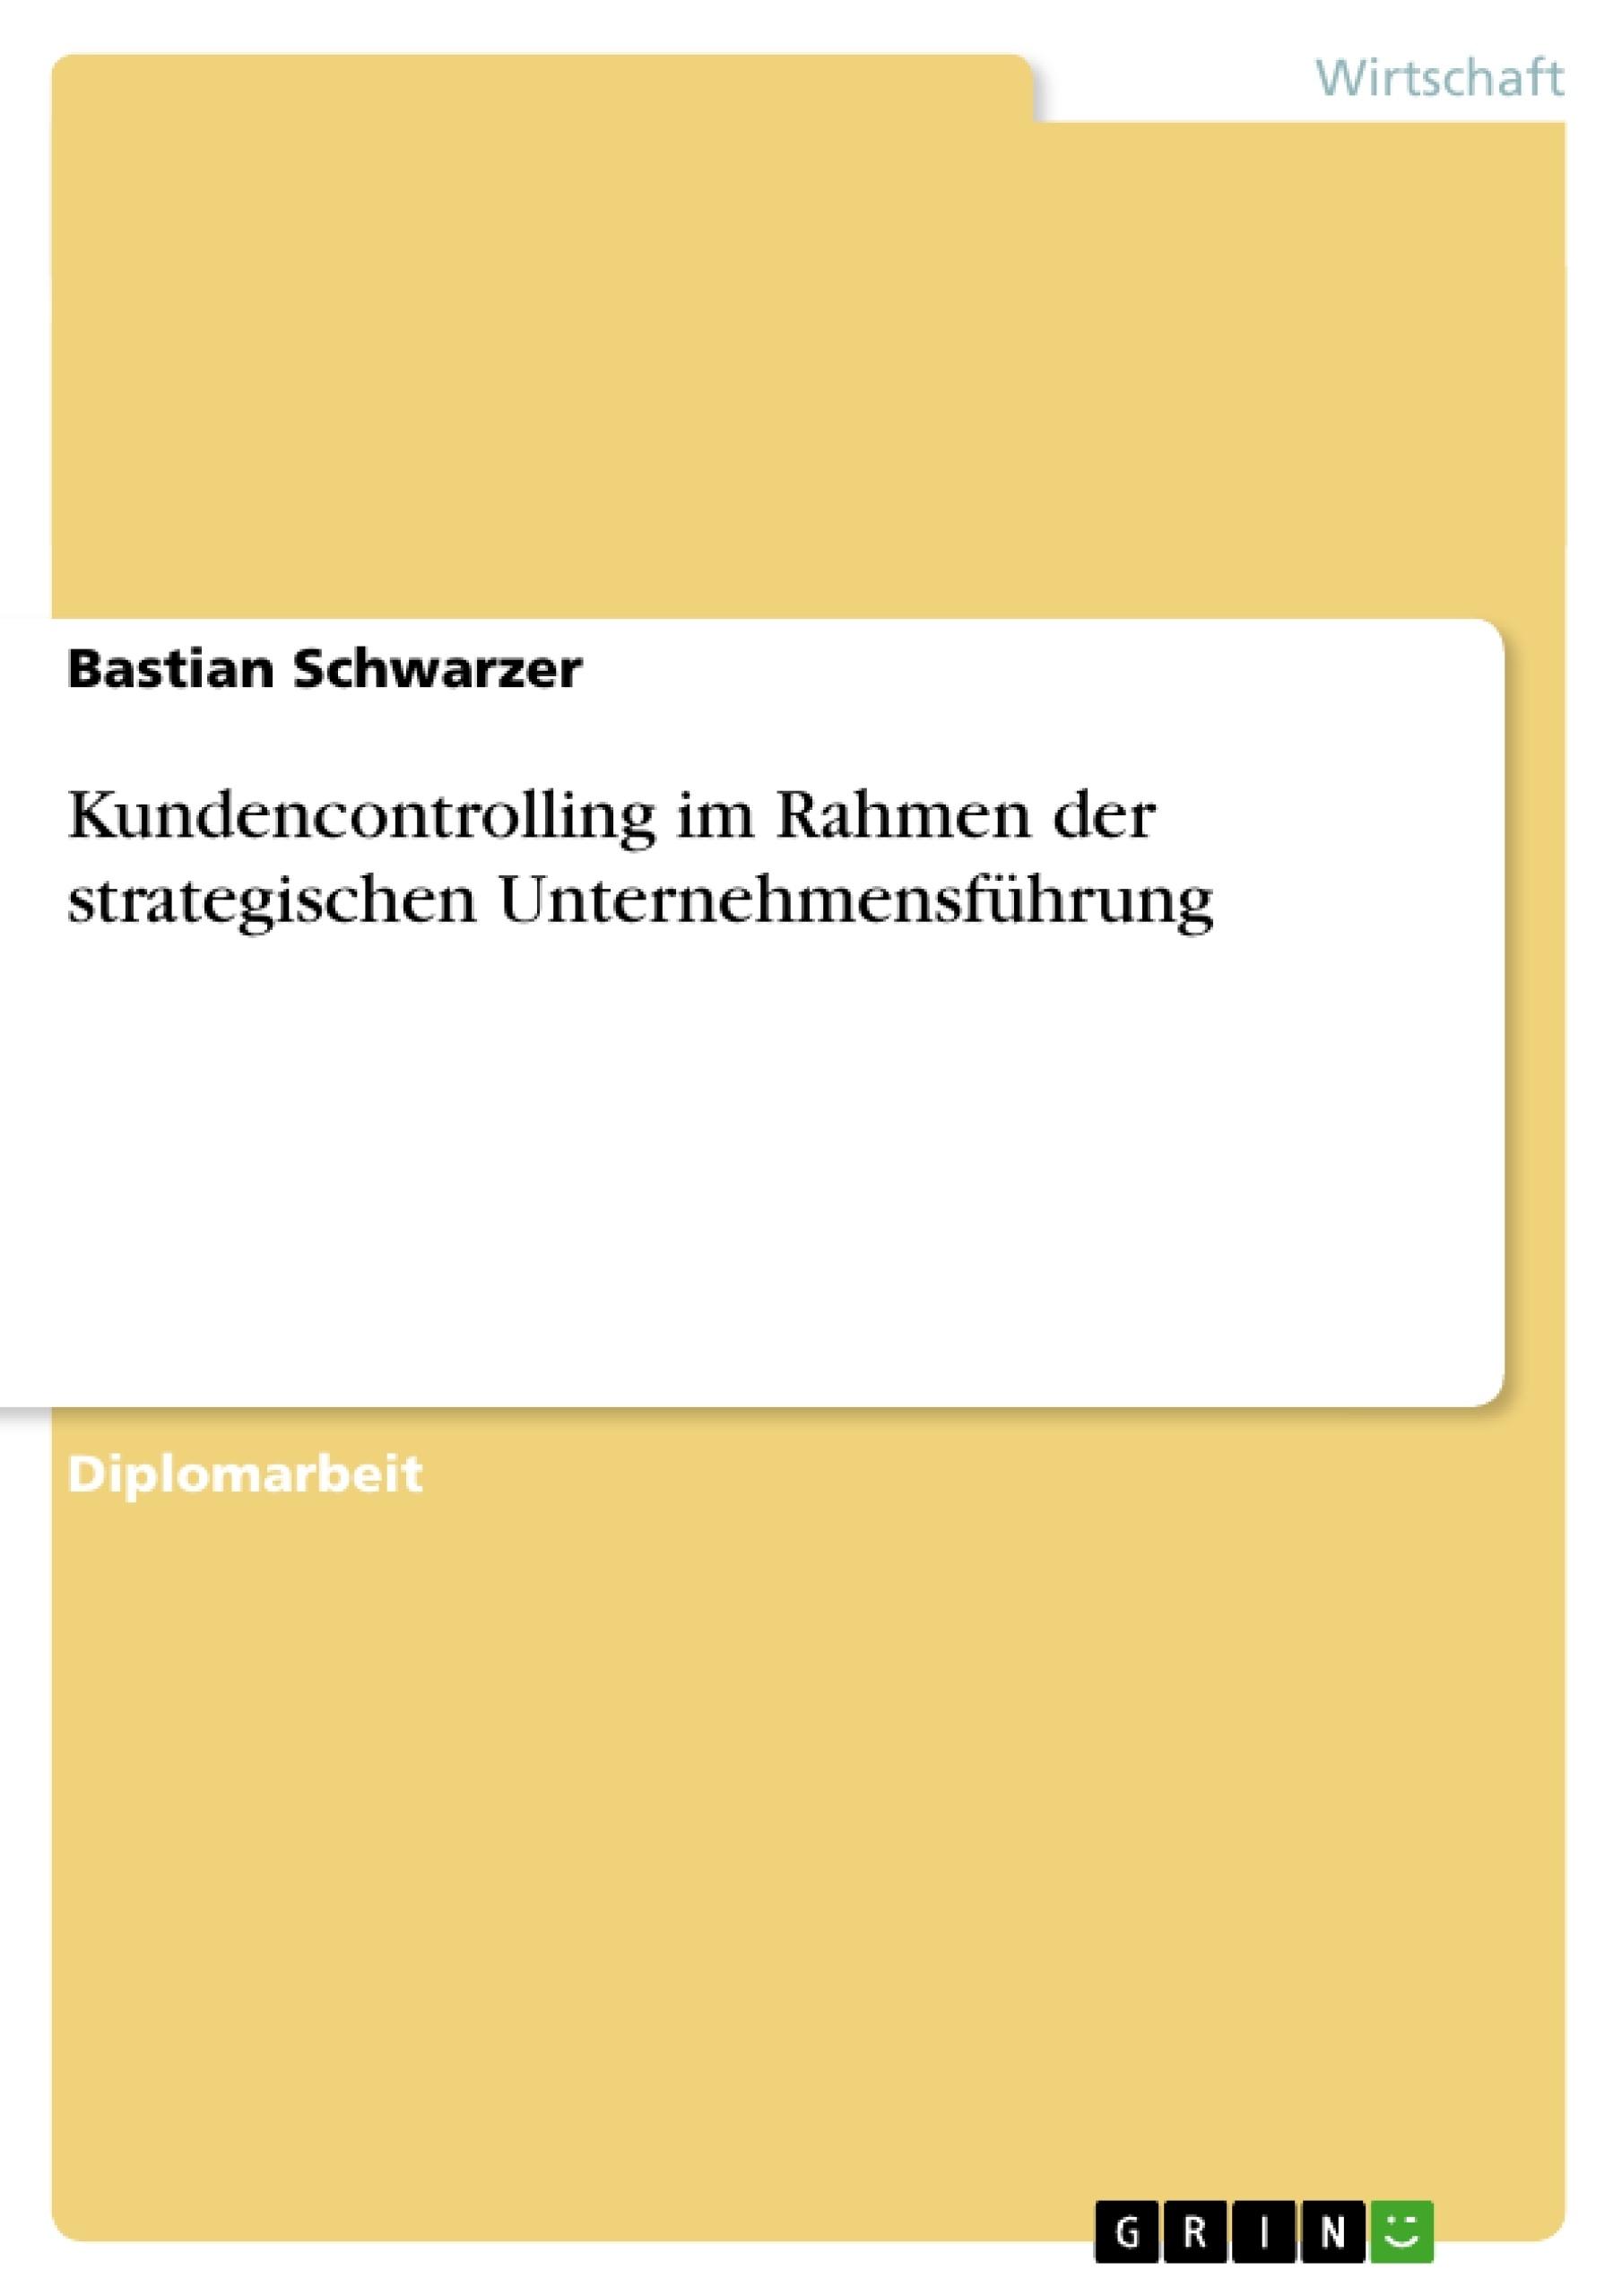 Titel: Kundencontrolling im Rahmen der strategischen Unternehmensführung